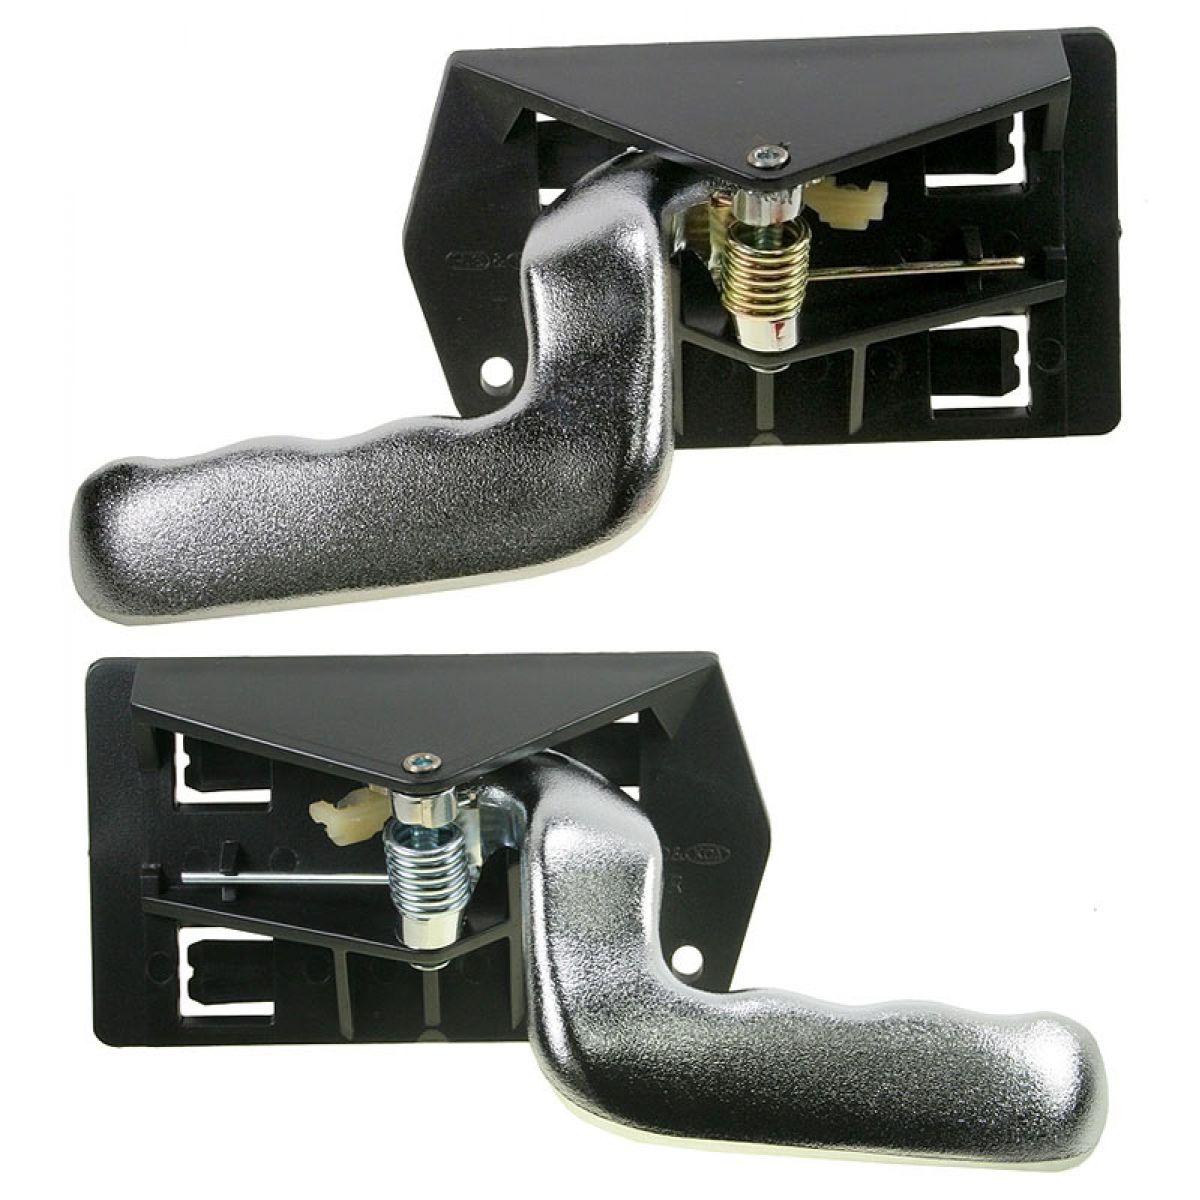 2014 chevy silverado door panel ebay autos post 2012 chevy silverado interior door handle